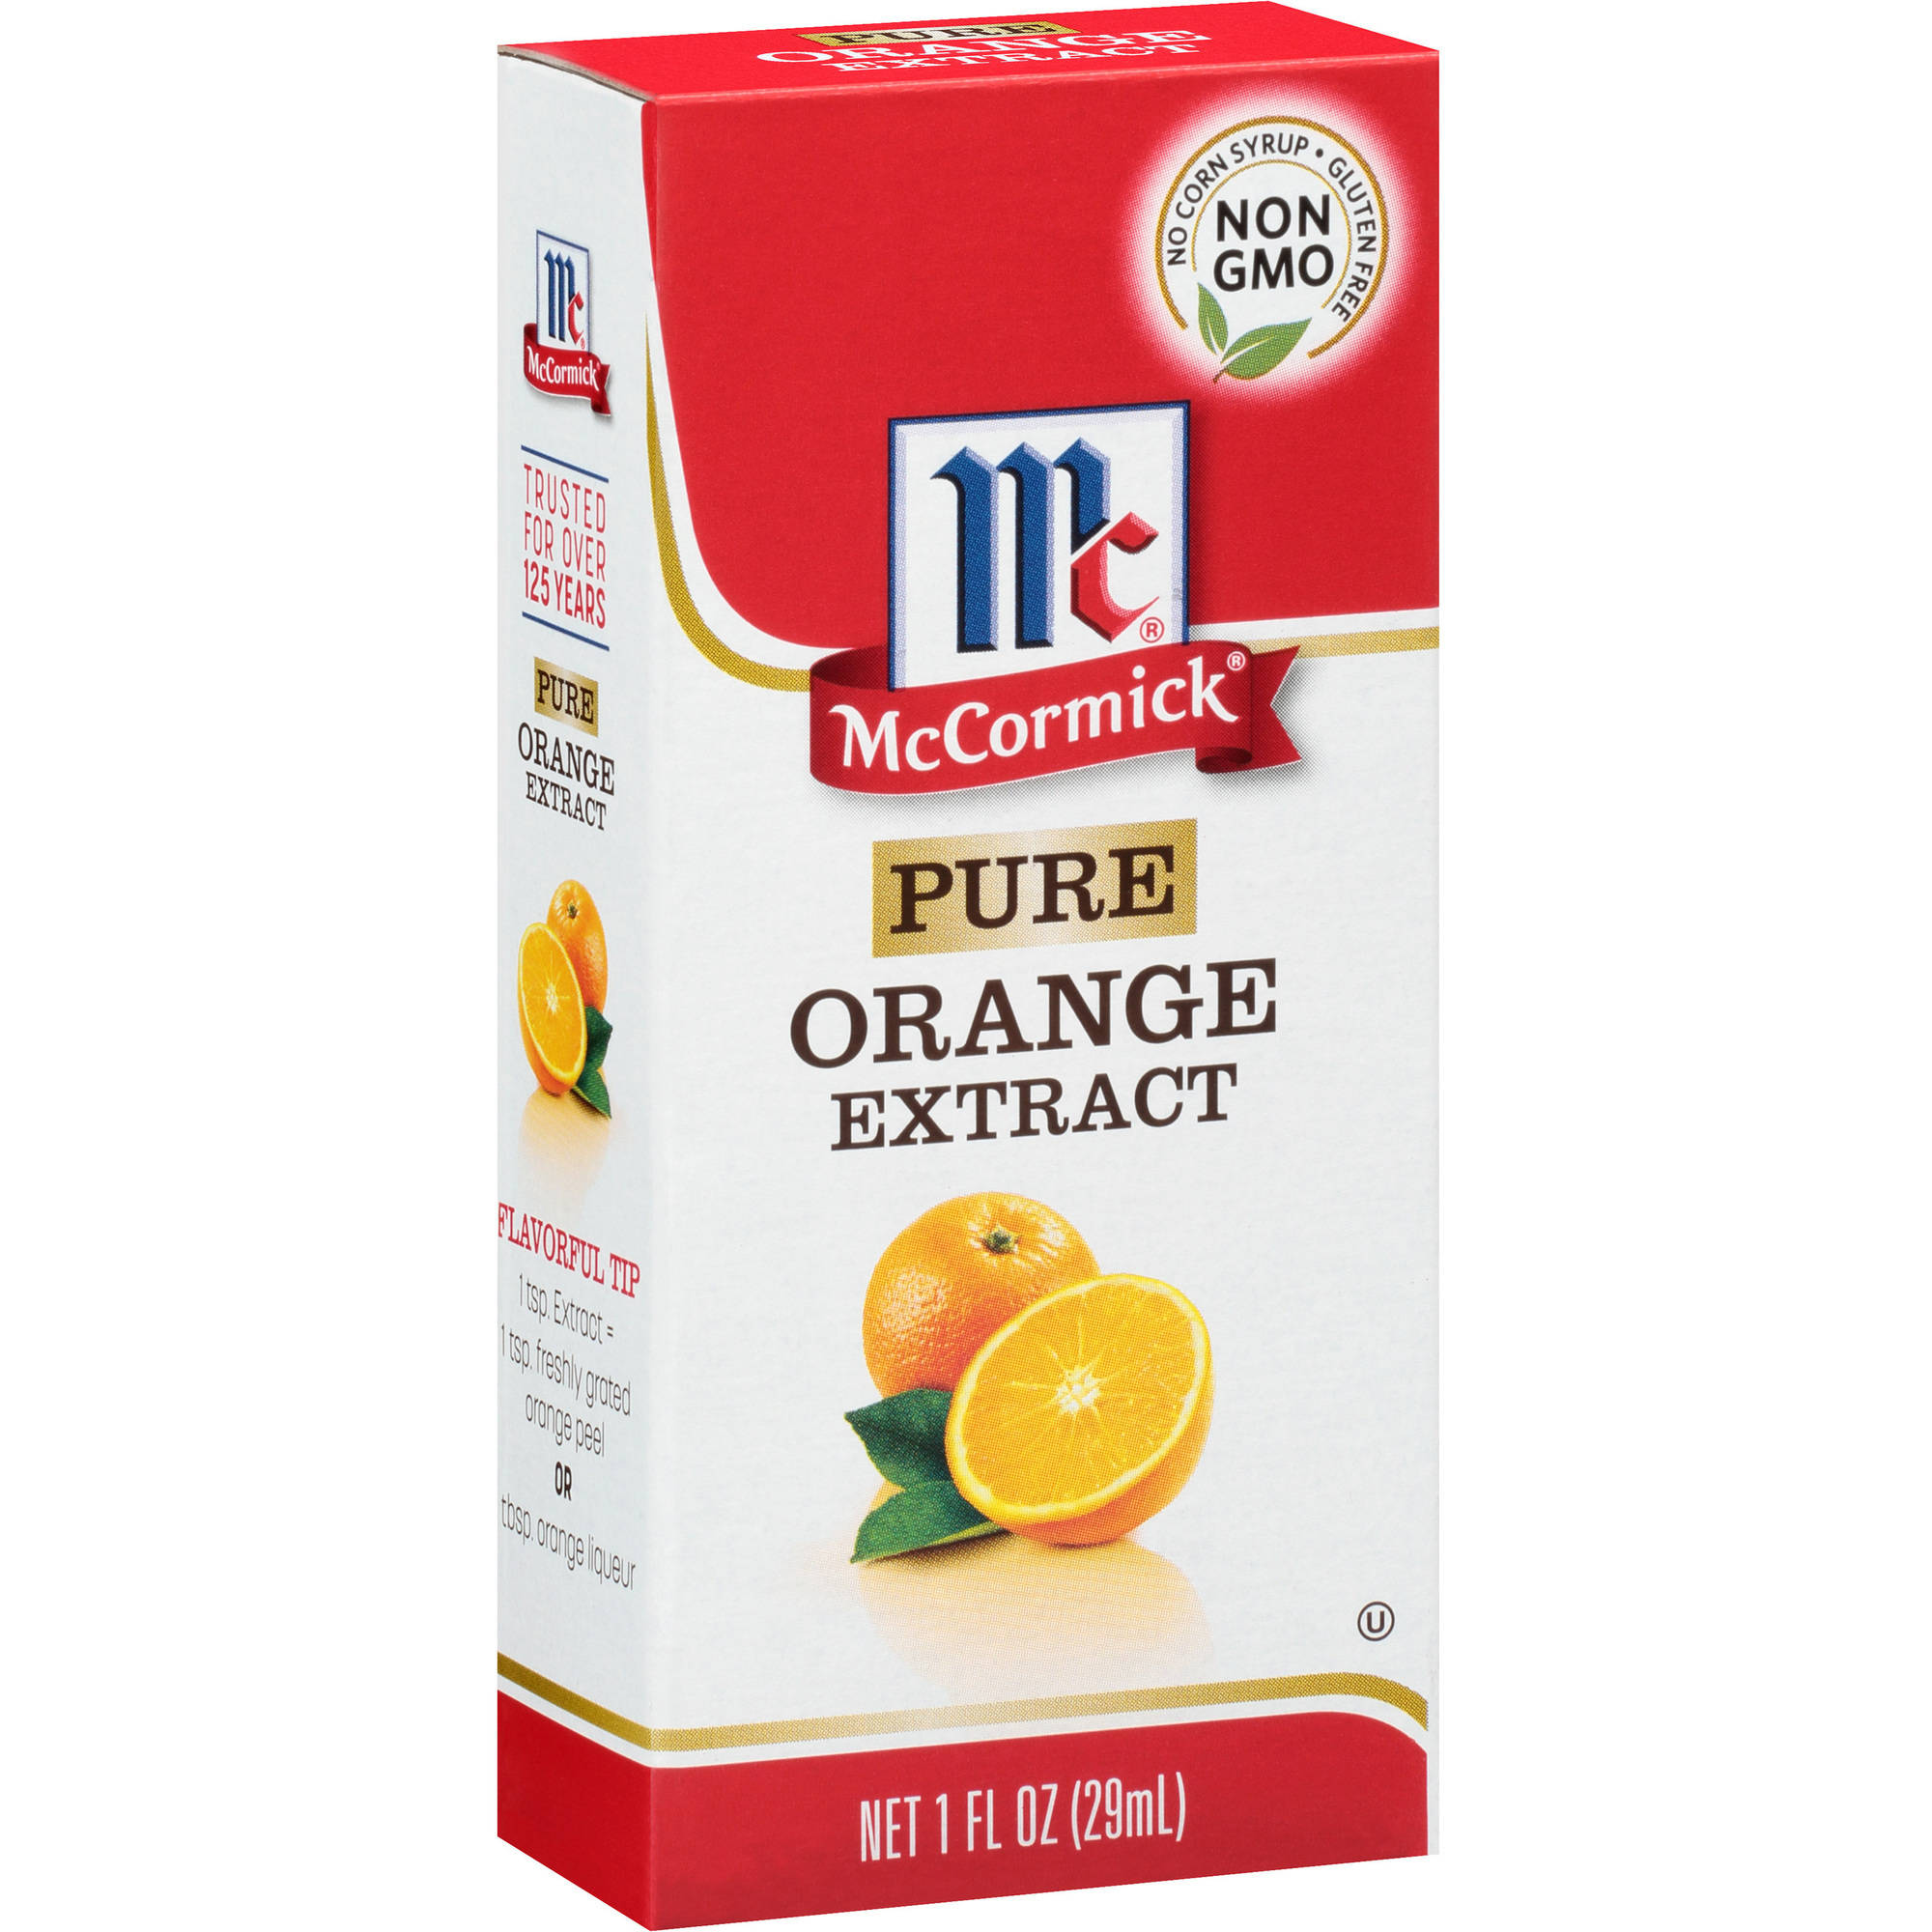 McCormick Pure Orange Extract, 1 Fl oz